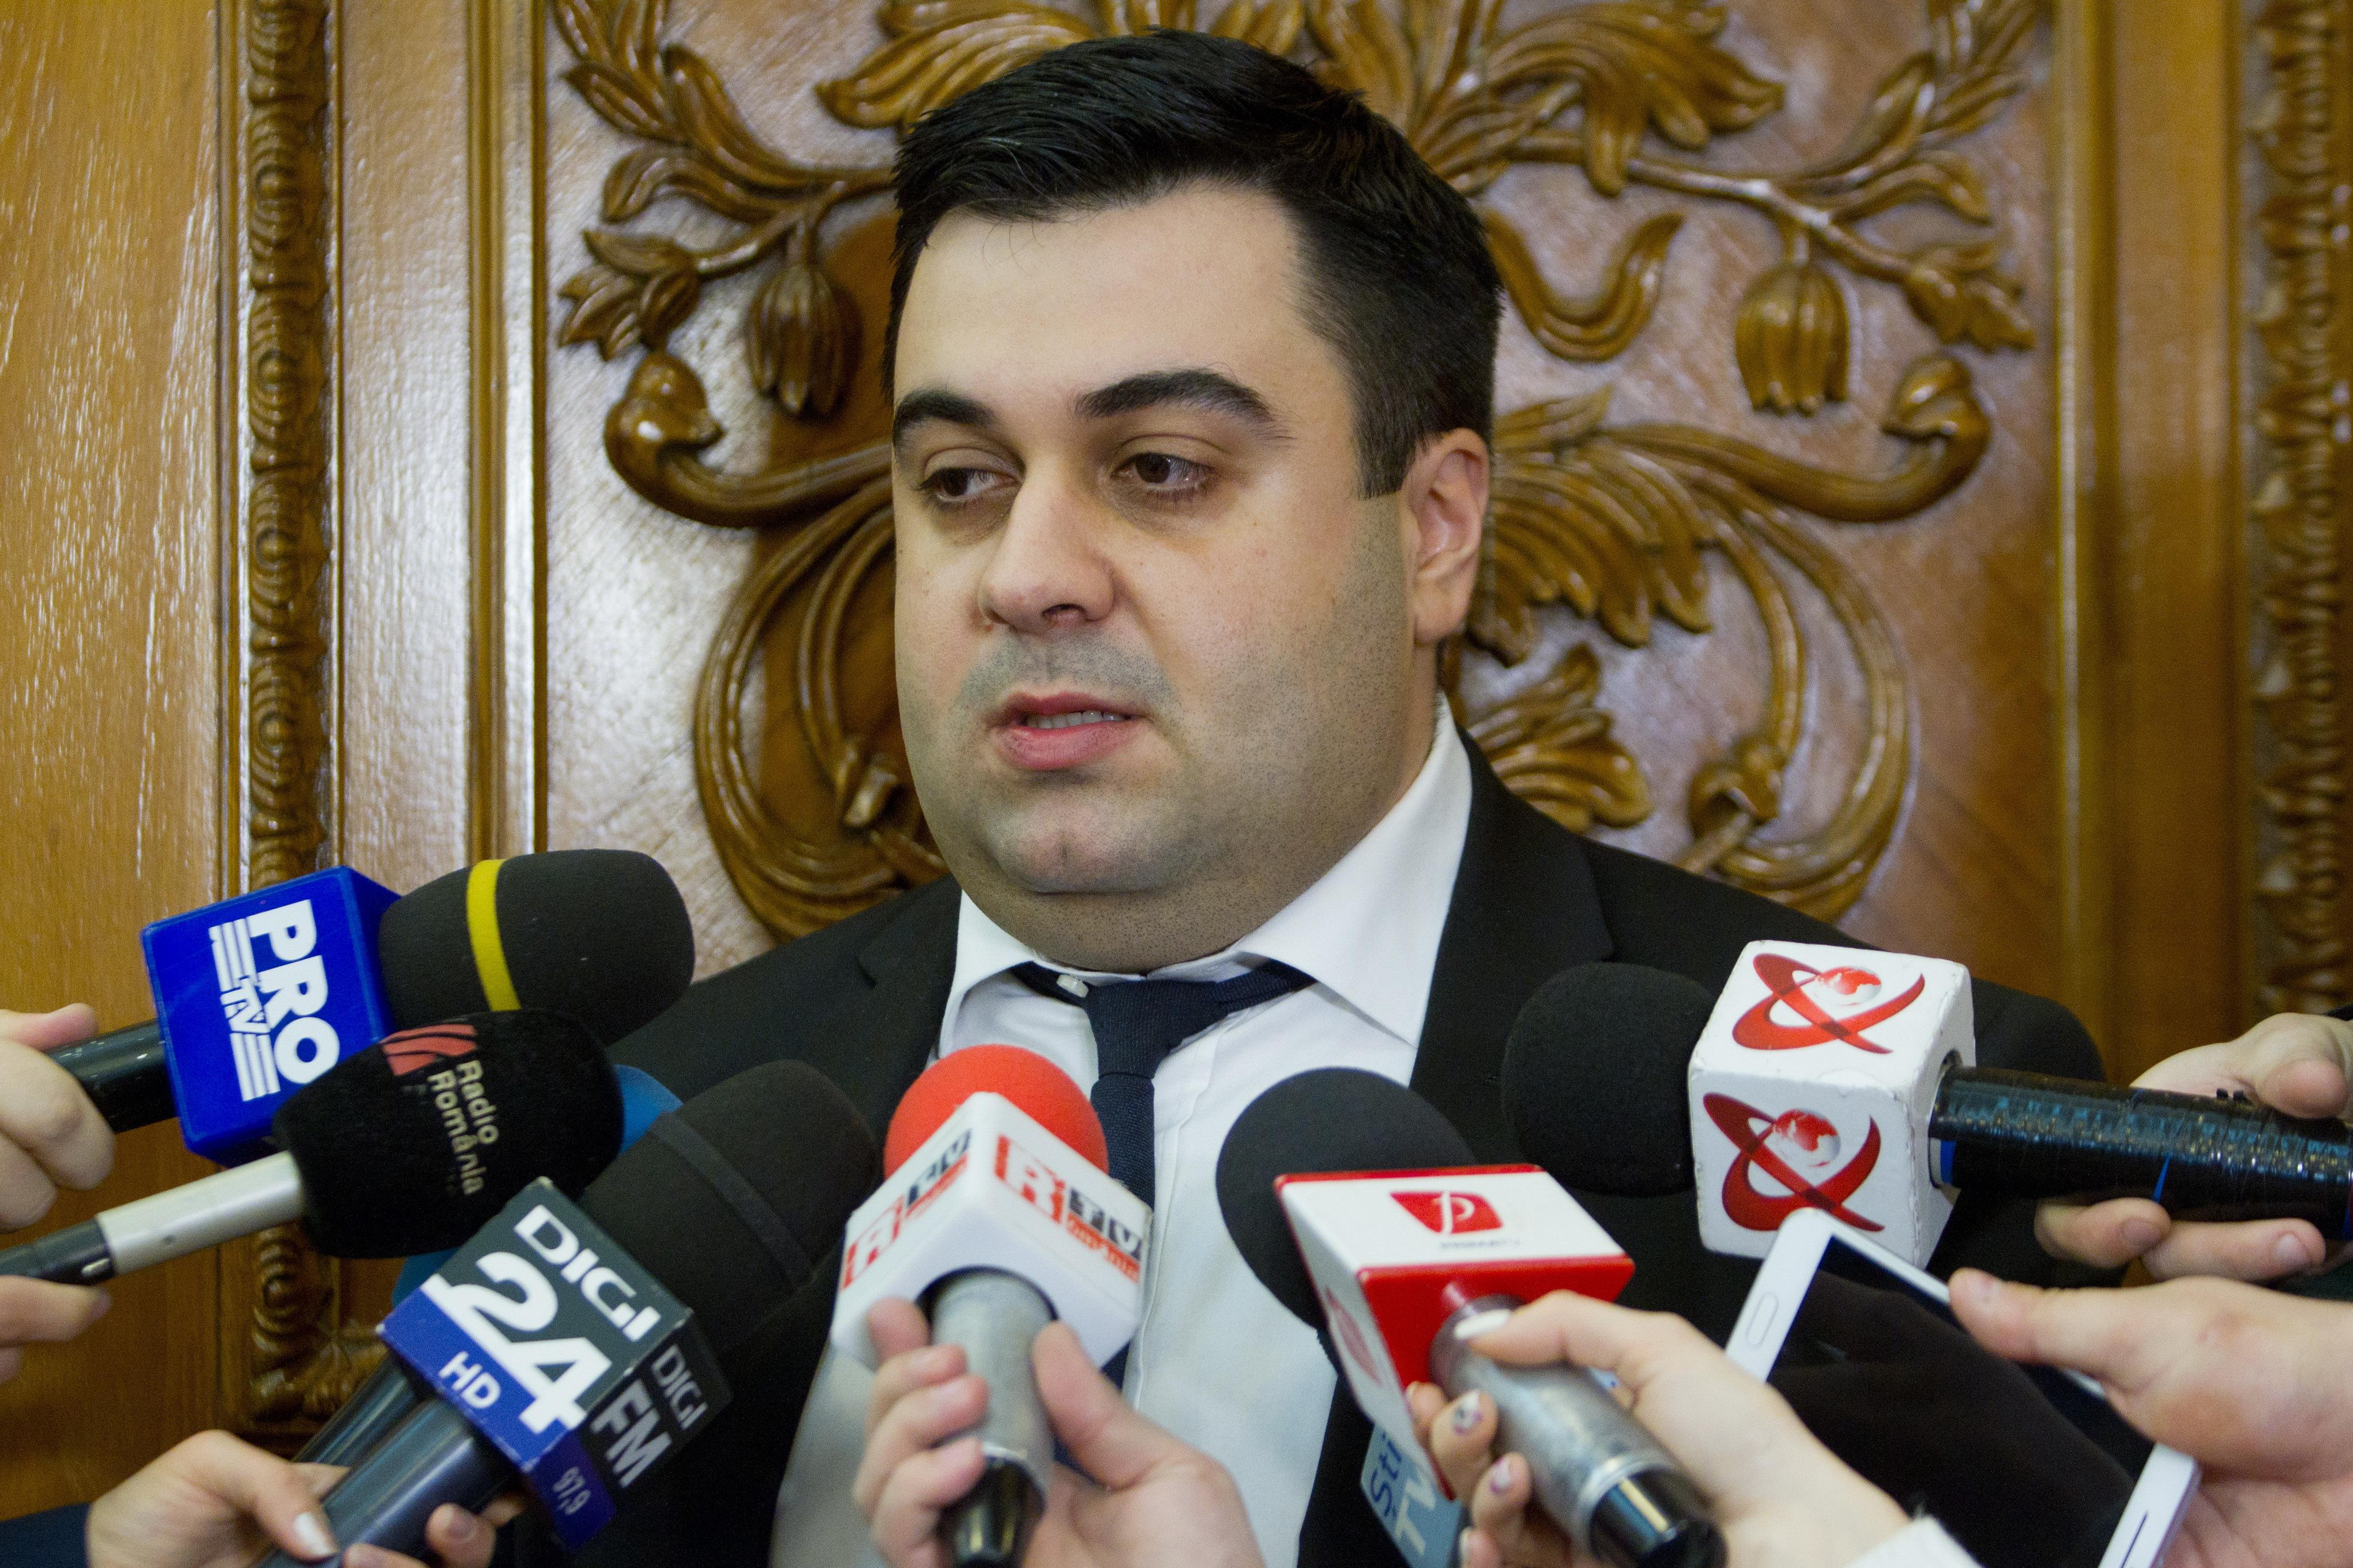 Răzvan Cuc: Drumul Naţional 57, care trece prin Clisura Dunării, va fi reabilitat cu bani de la bugetul de stat